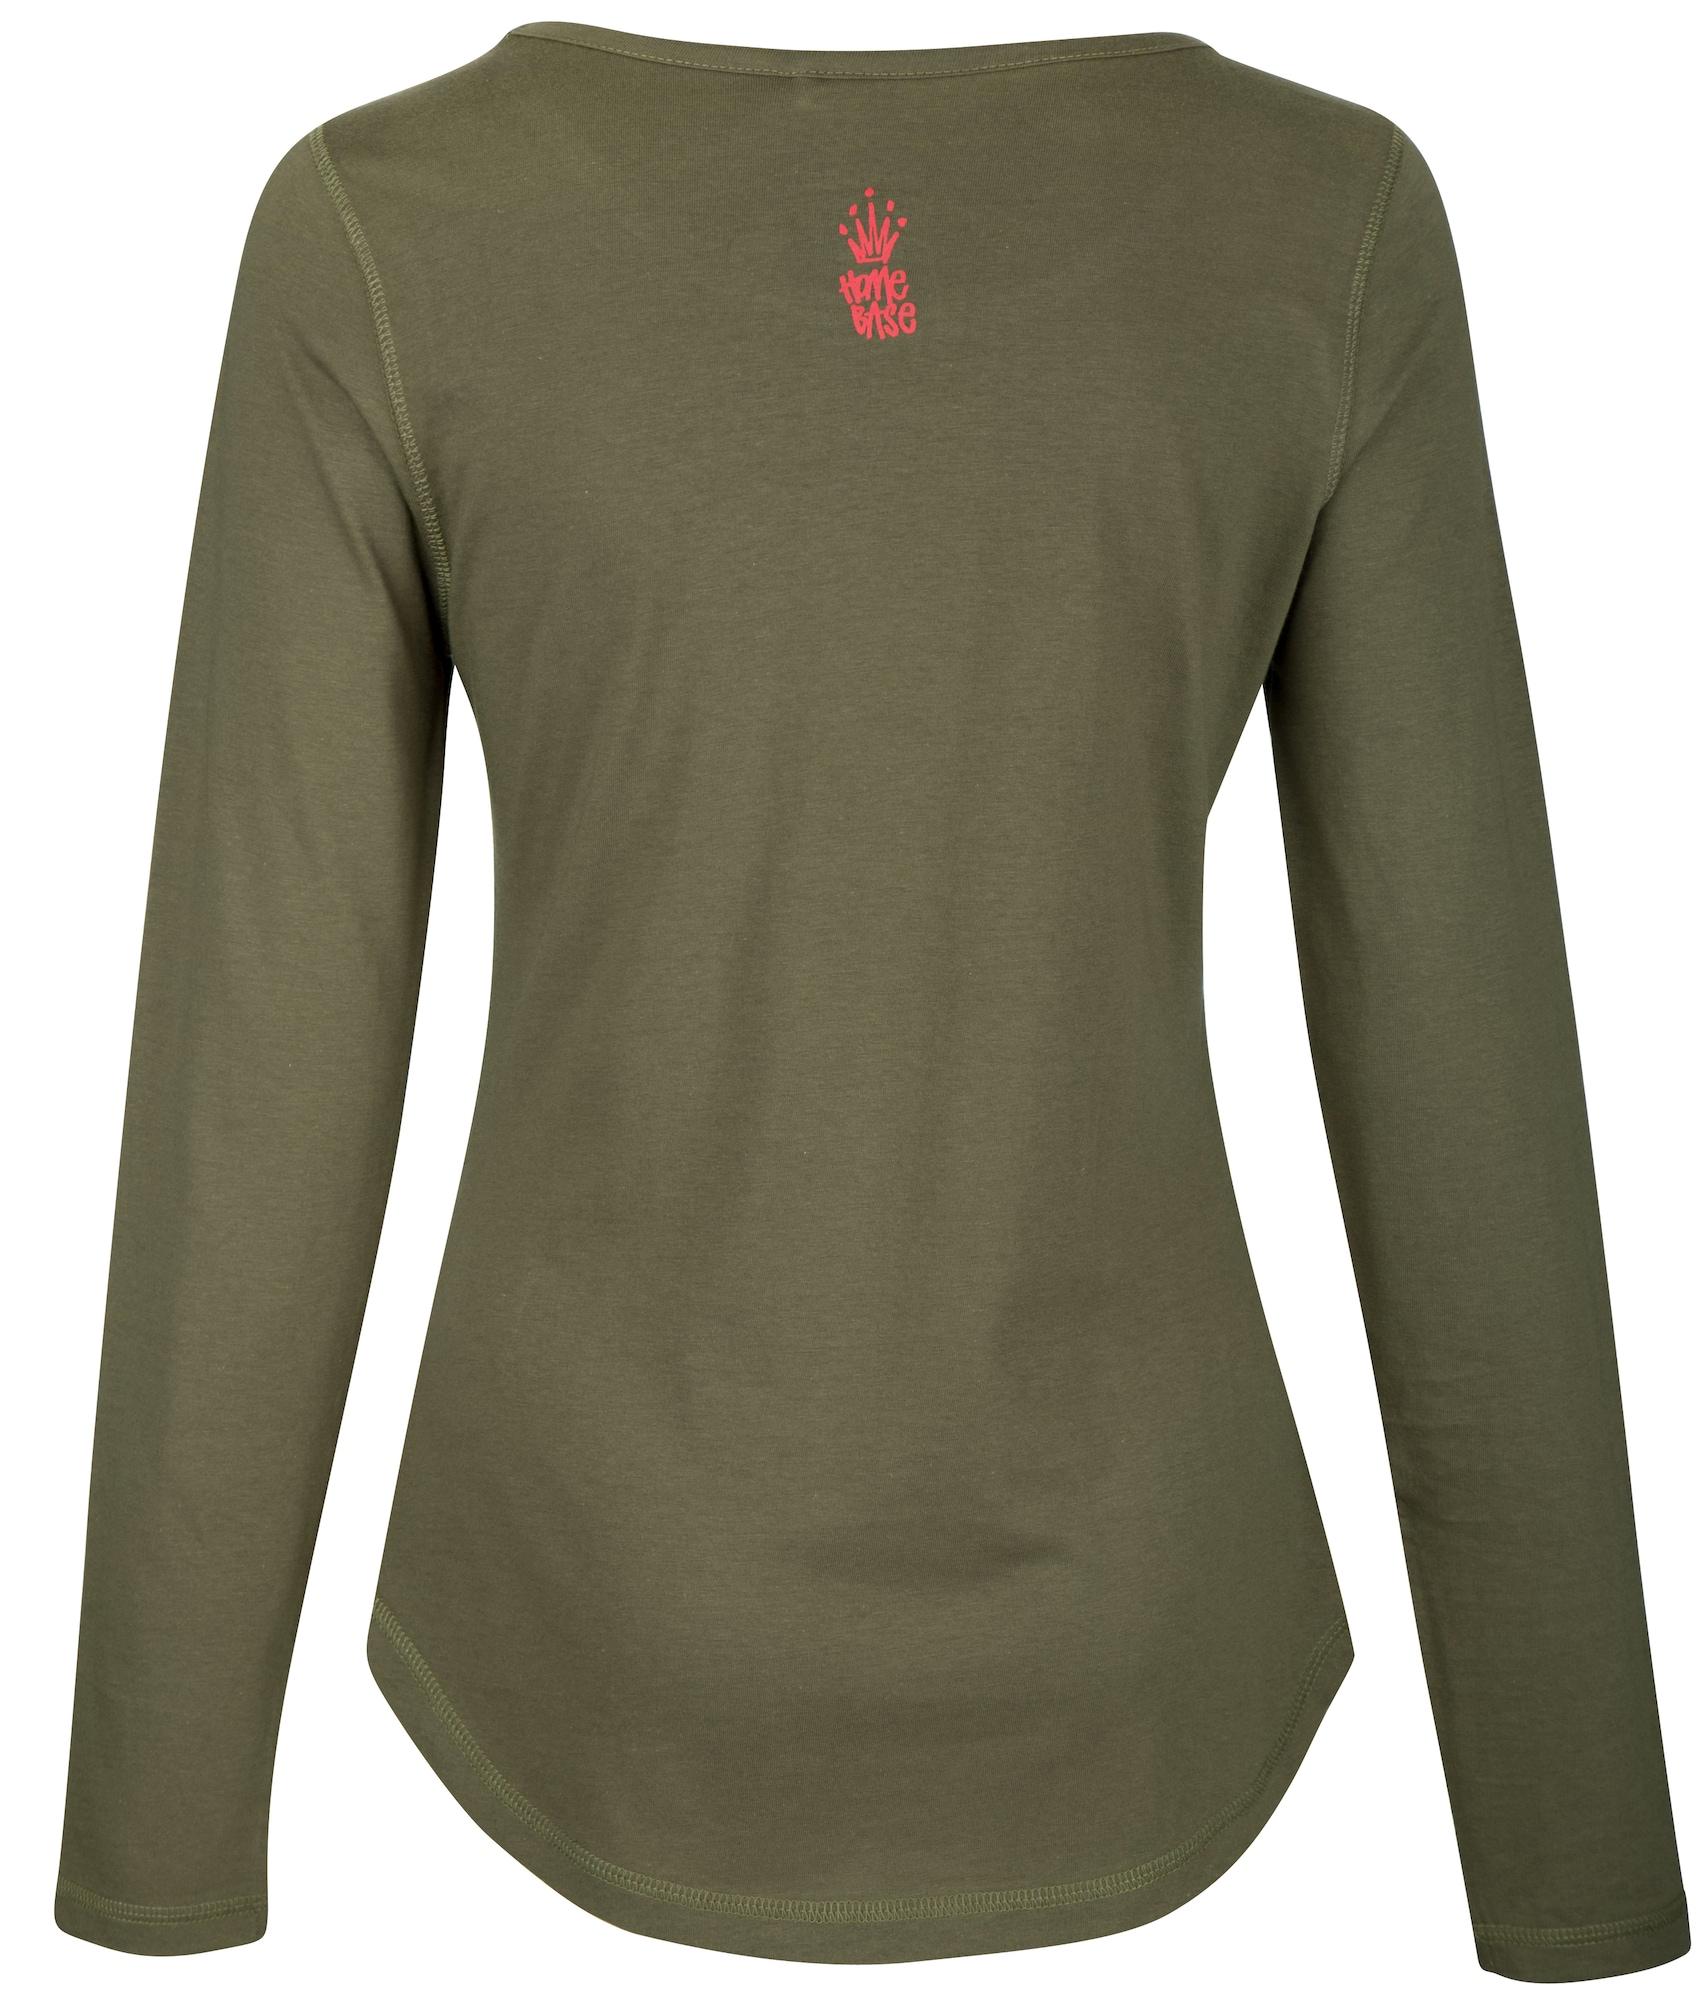 HOMEBASE, Damen Shirt Brandalised by Homebase, groen / olijfgroen